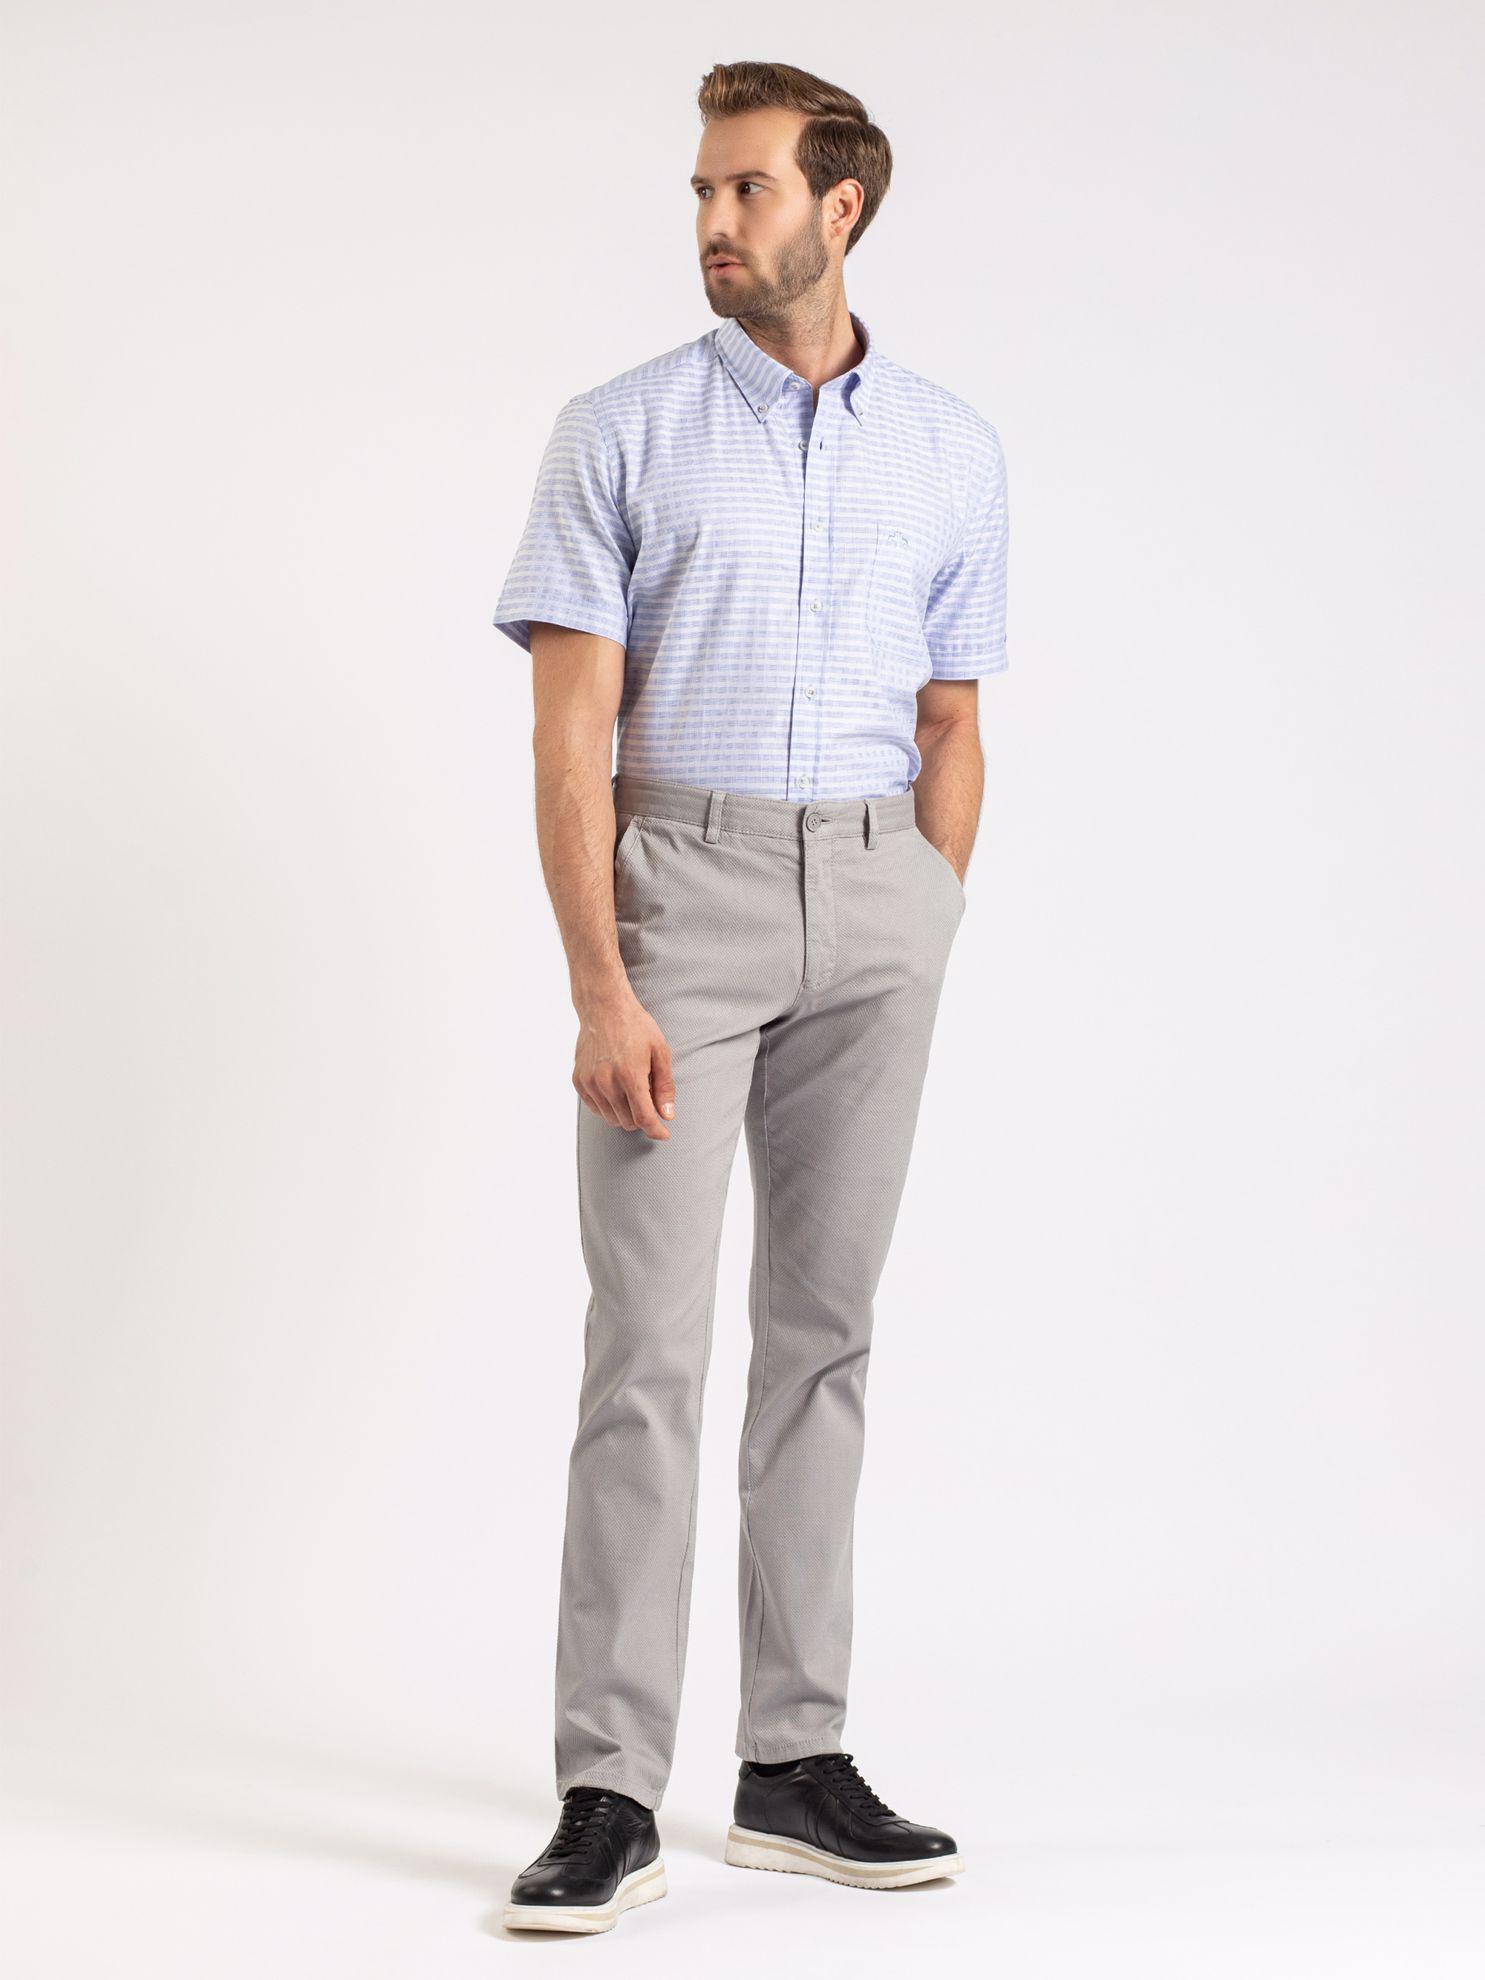 Karaca Erkek Regular Fıt Gömlek-Mavi. ürün görseli